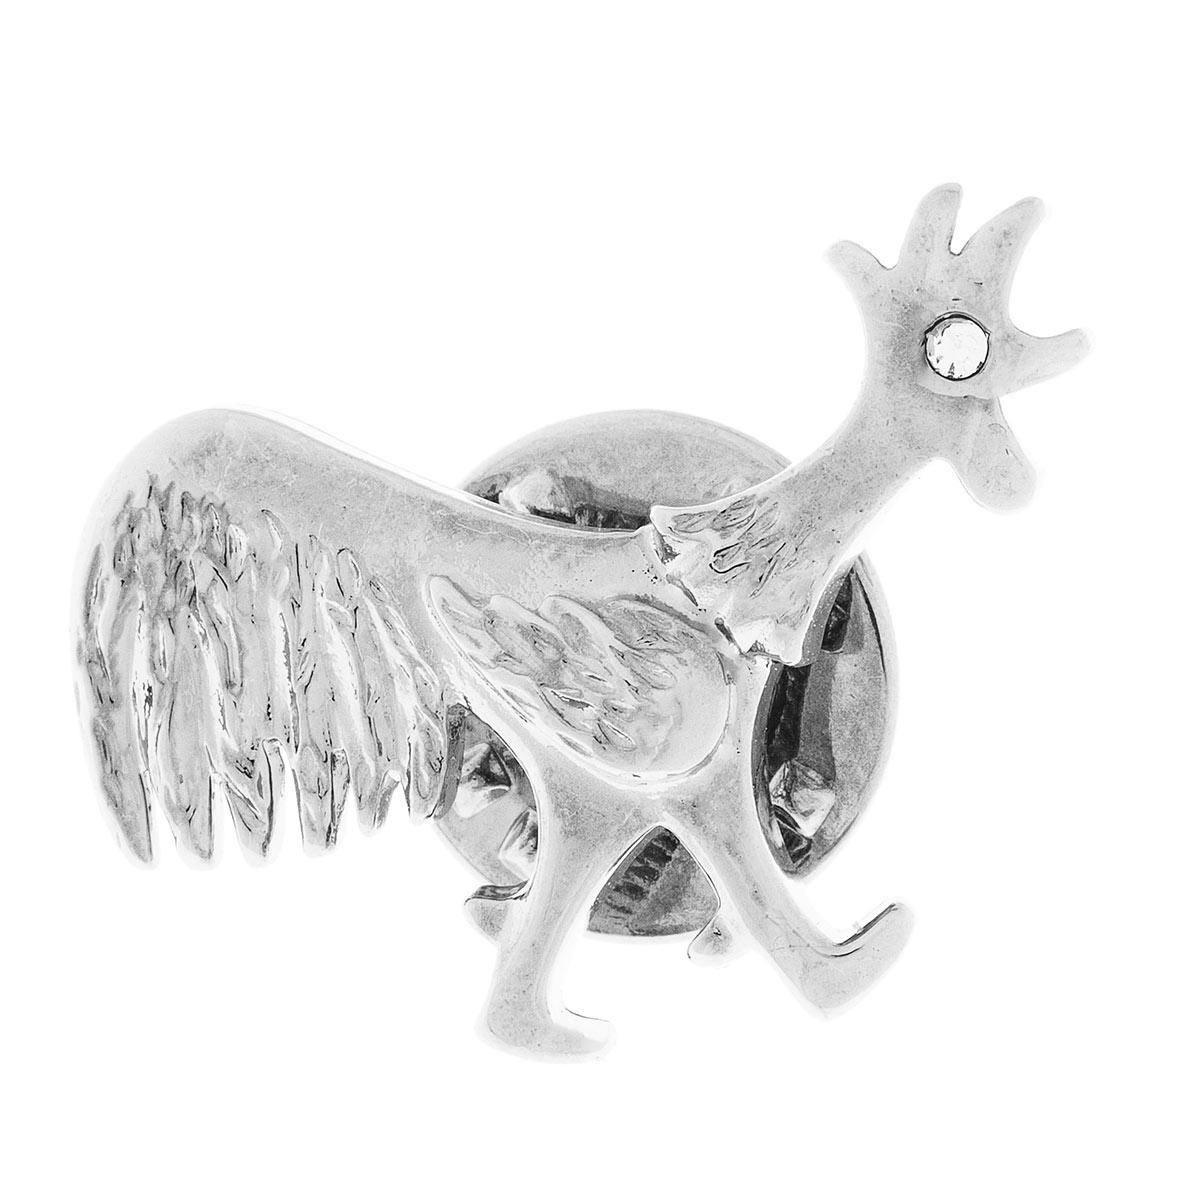 Брошь Jenavi Символ года. Забияка, цвет: серебро, белый. e1363600e1363600Коллекция Символ года, Забияка (Брошь) гипоаллергенный ювелирный сплав,Черненое серебро, вставка Кристаллы Swarovski , цвет - серебро, белый